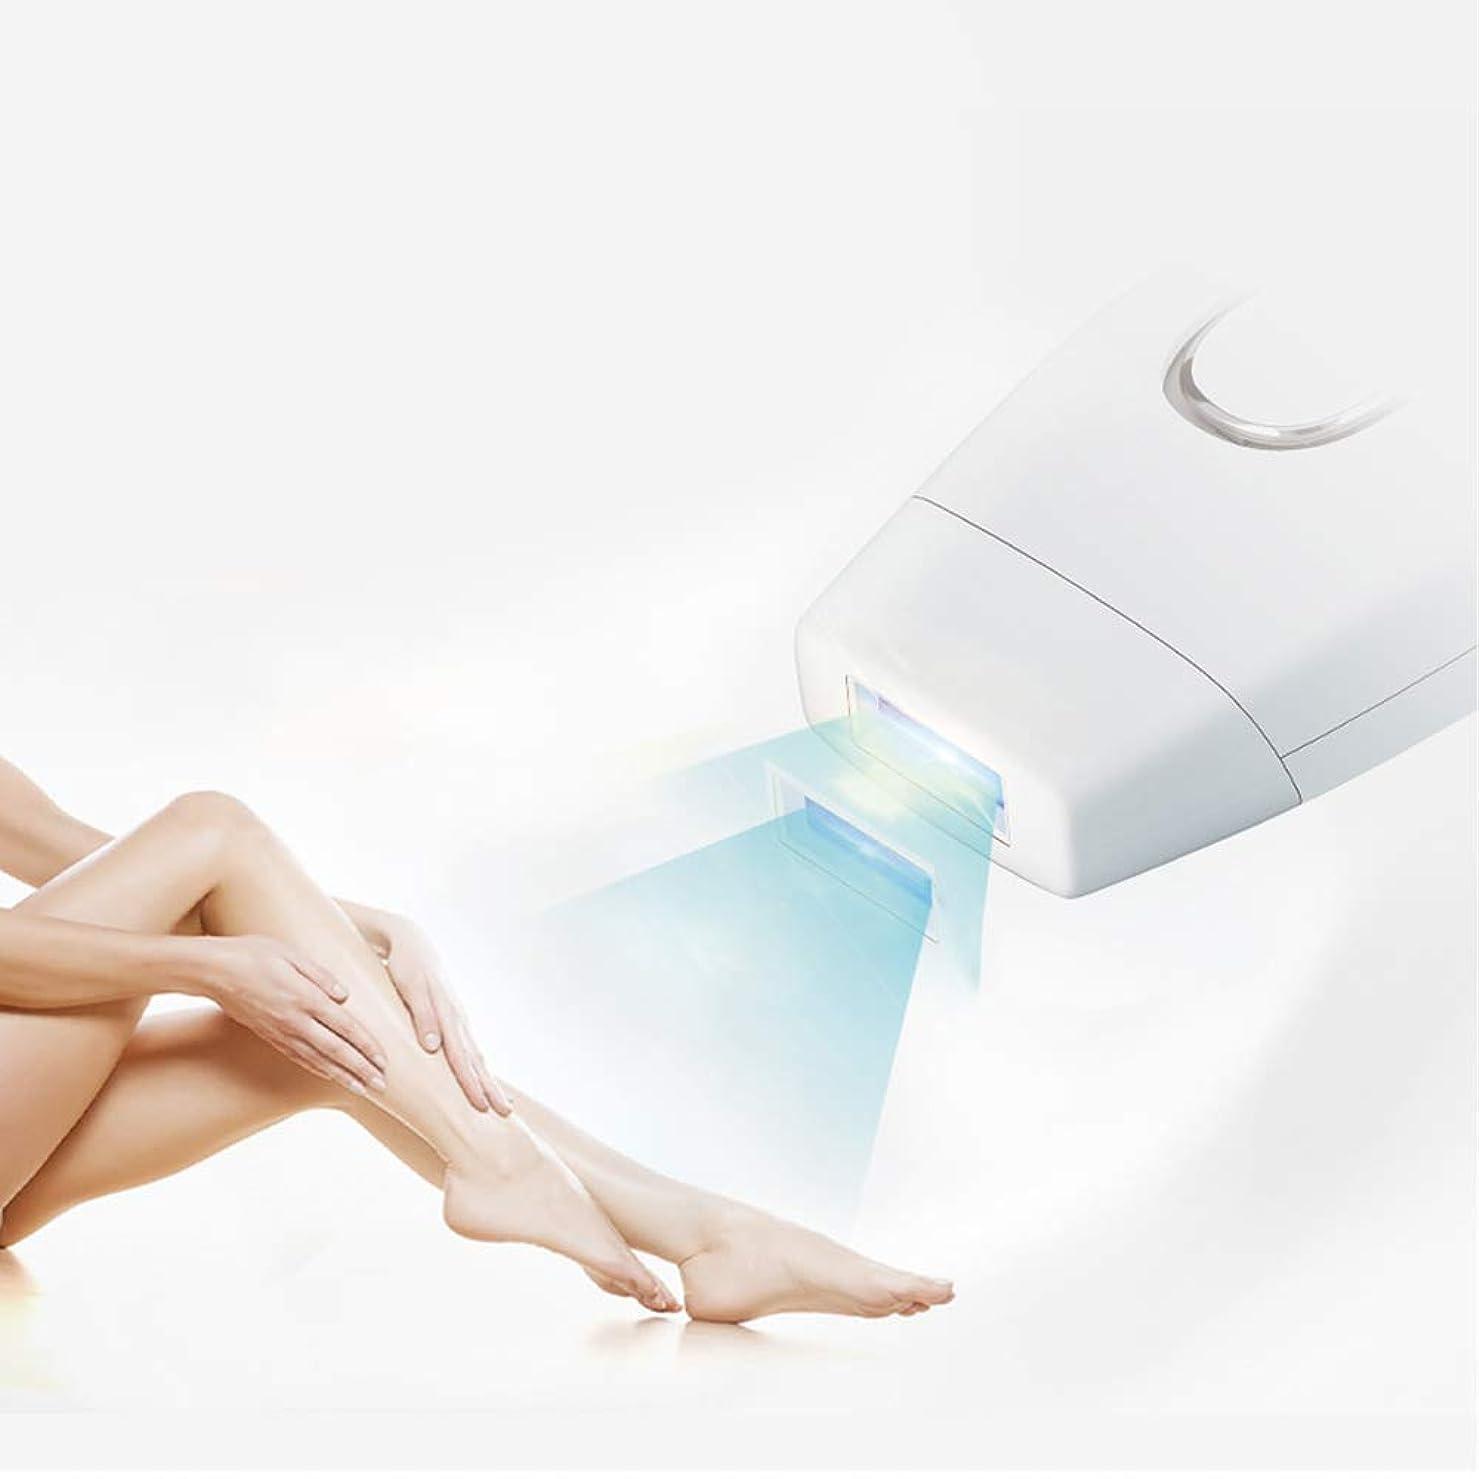 紀元前令状残り物YBT レーザー脱毛器 脱毛器 光美容器 ボディ/フェイス用 IPL技術 10万発照射 永久脱毛 5段階 お肌に優しい 安全便利 敏感肌にも対応 カートリッジ交換可 家庭用